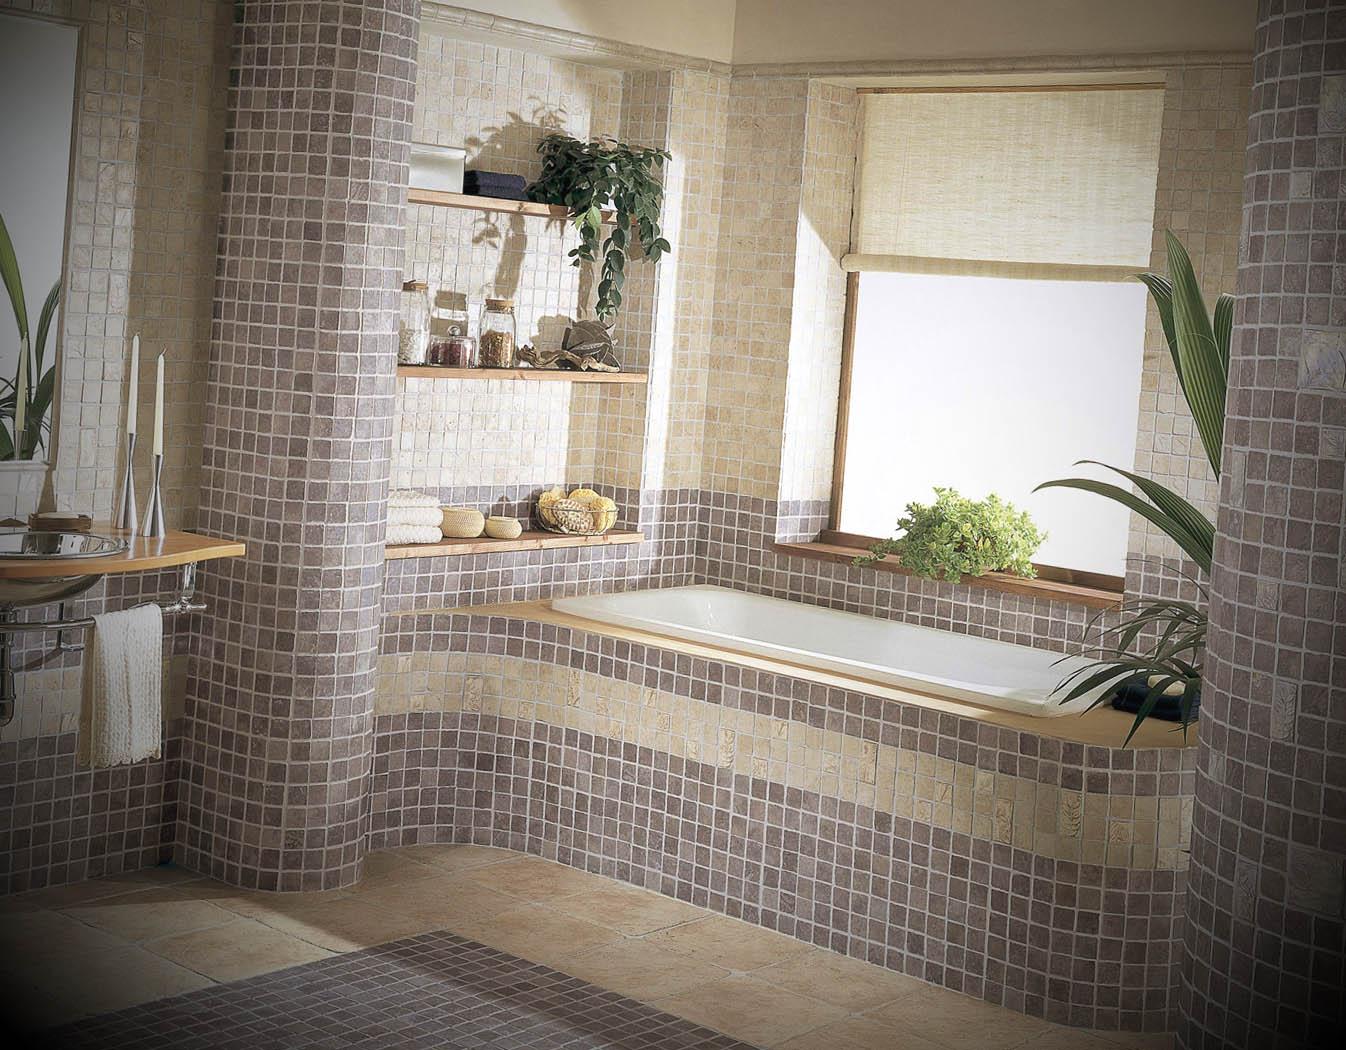 várias ideias de banheiros com banheira na nossa galeria de fotos #778348 1346x1050 Banheiro De Apartamento Com Banheira